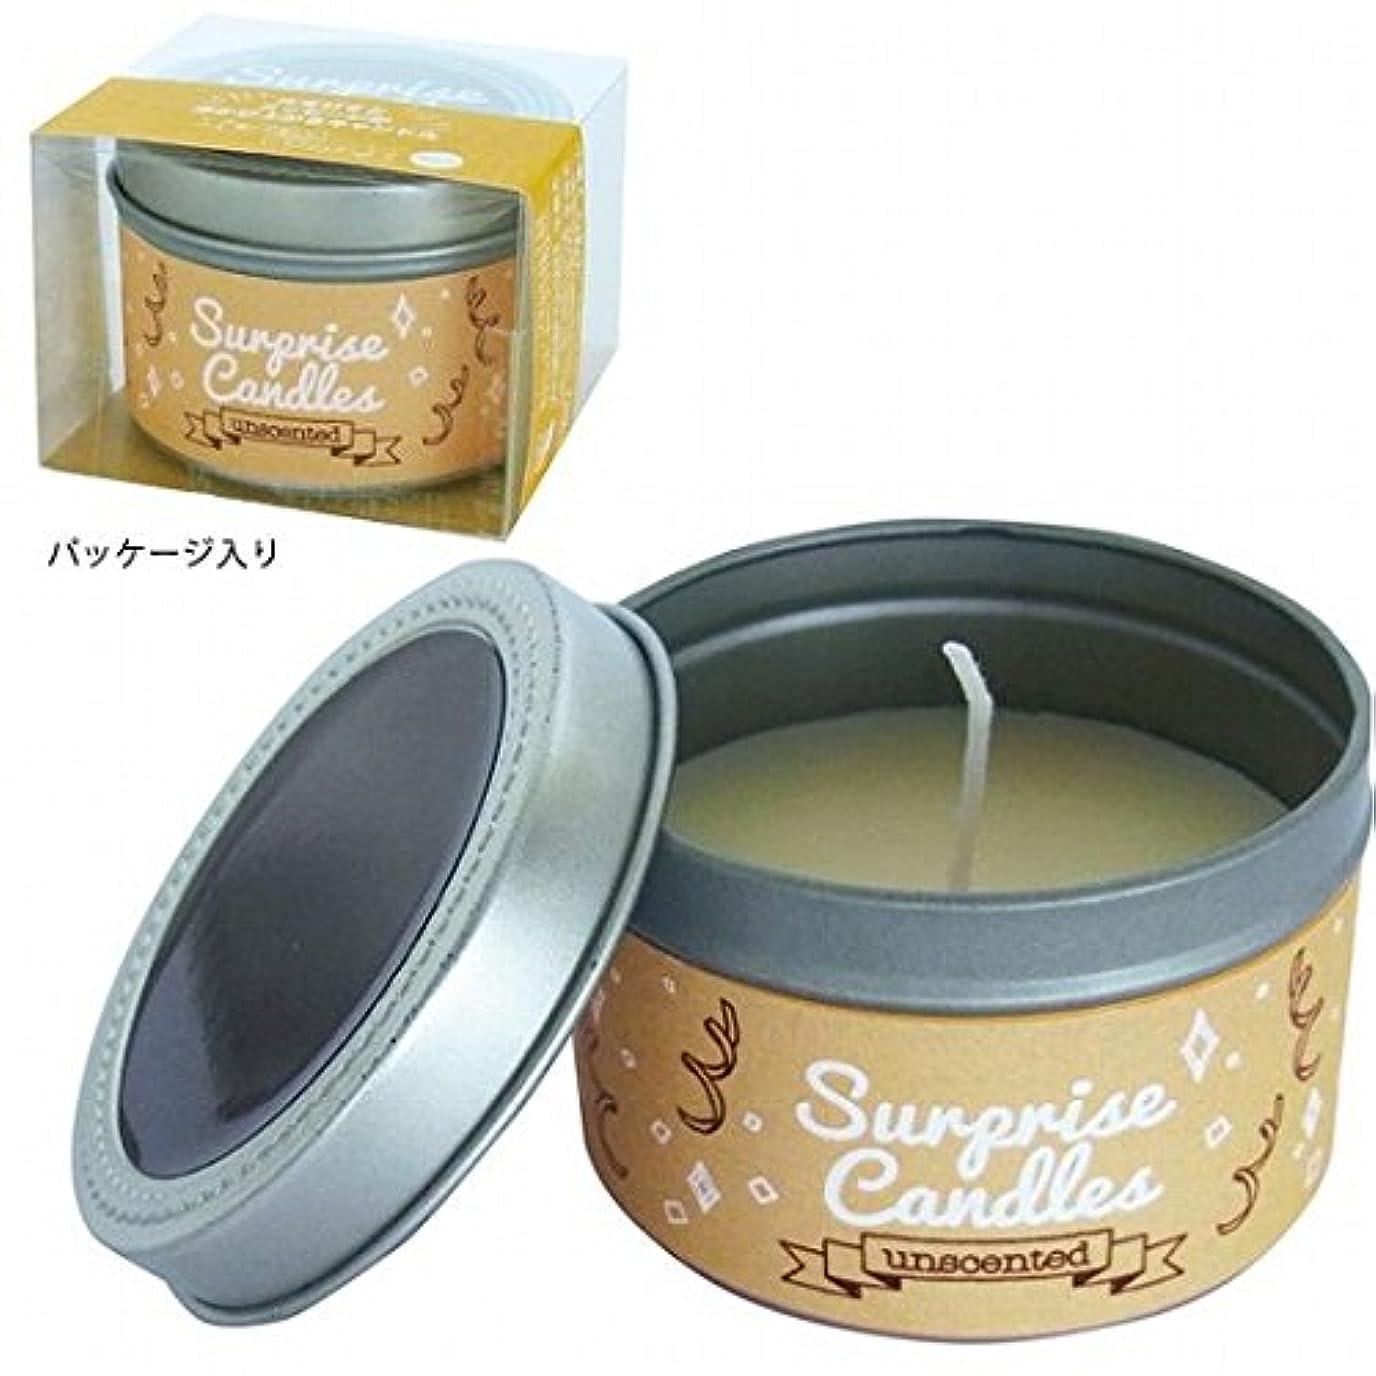 分数専門ライオネルグリーンストリートkameyama candle(カメヤマキャンドル) サプライズキャンドル 「無香」(A207005010)